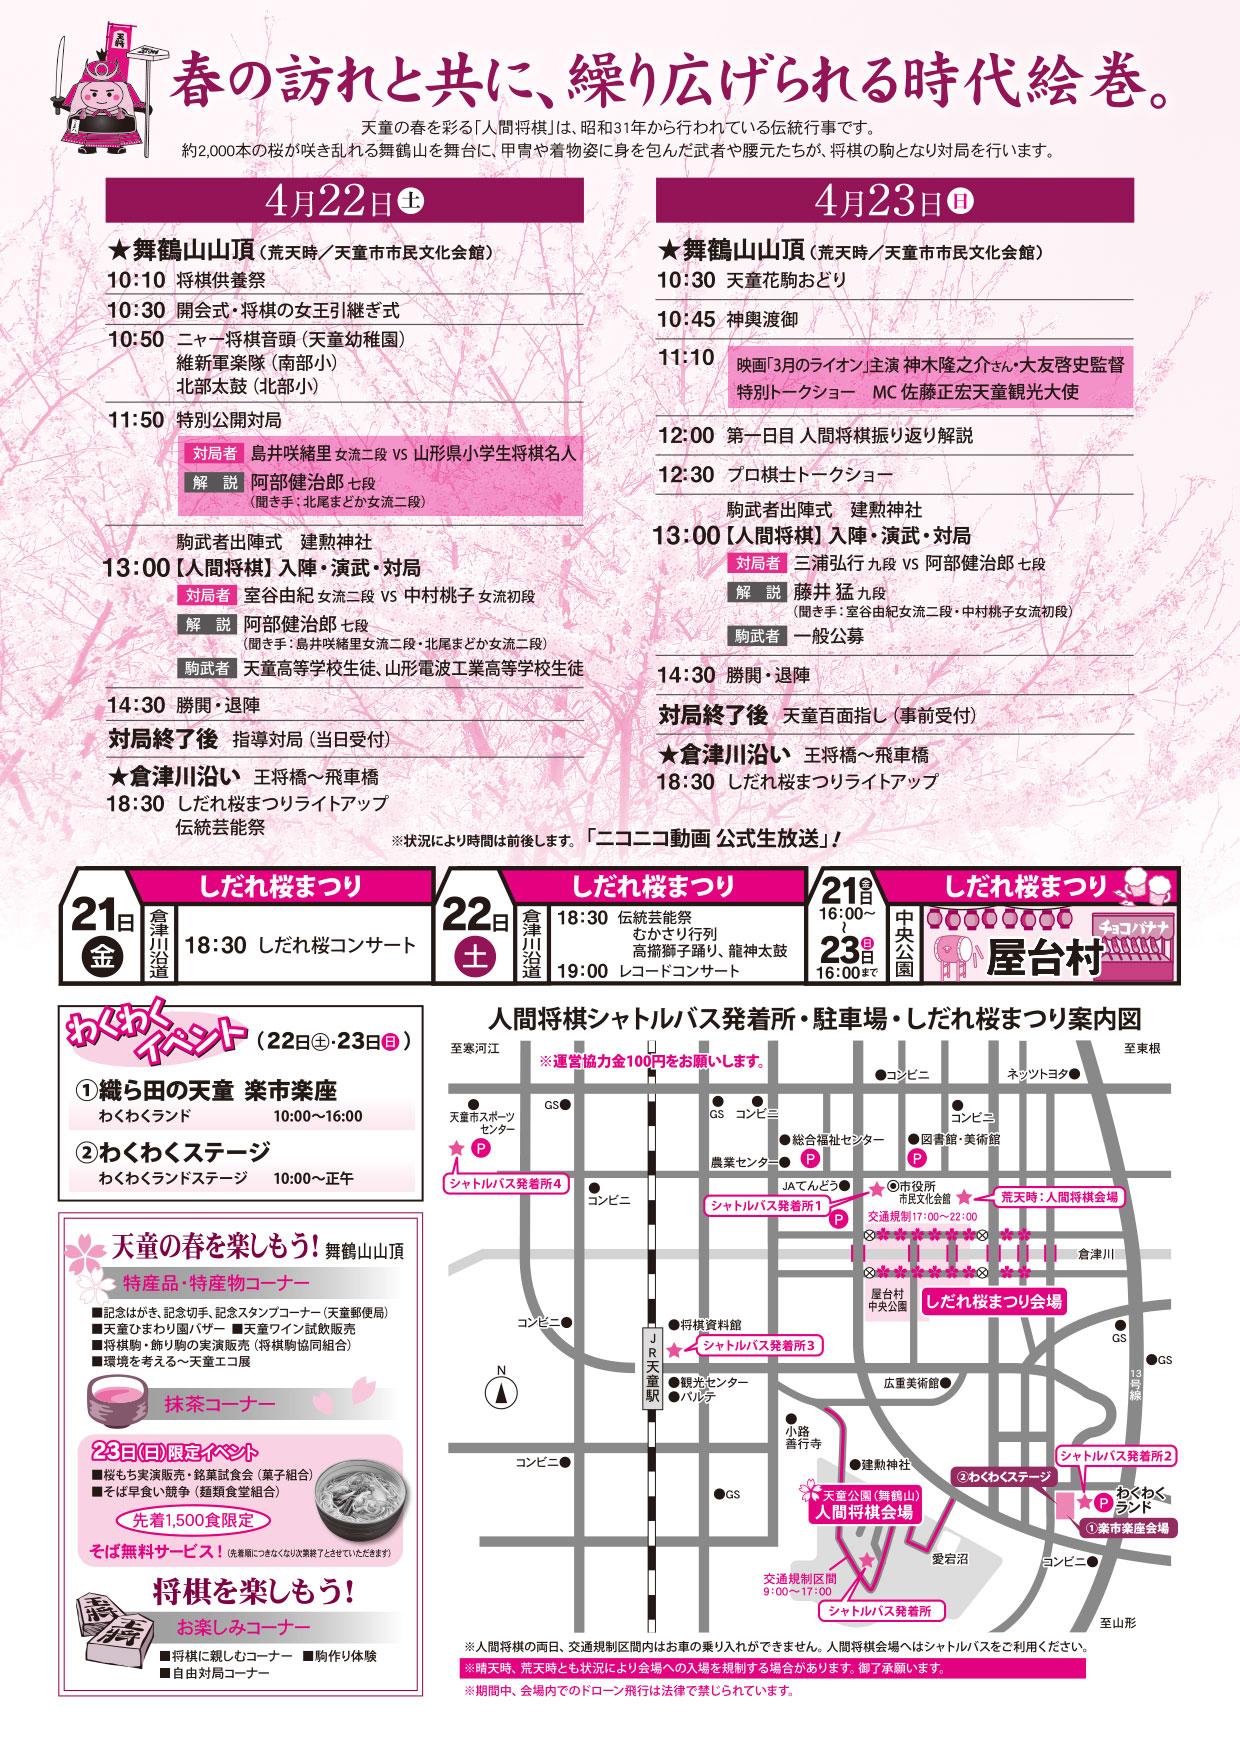 天童桜まつり「タイムテーブル」公開:画像